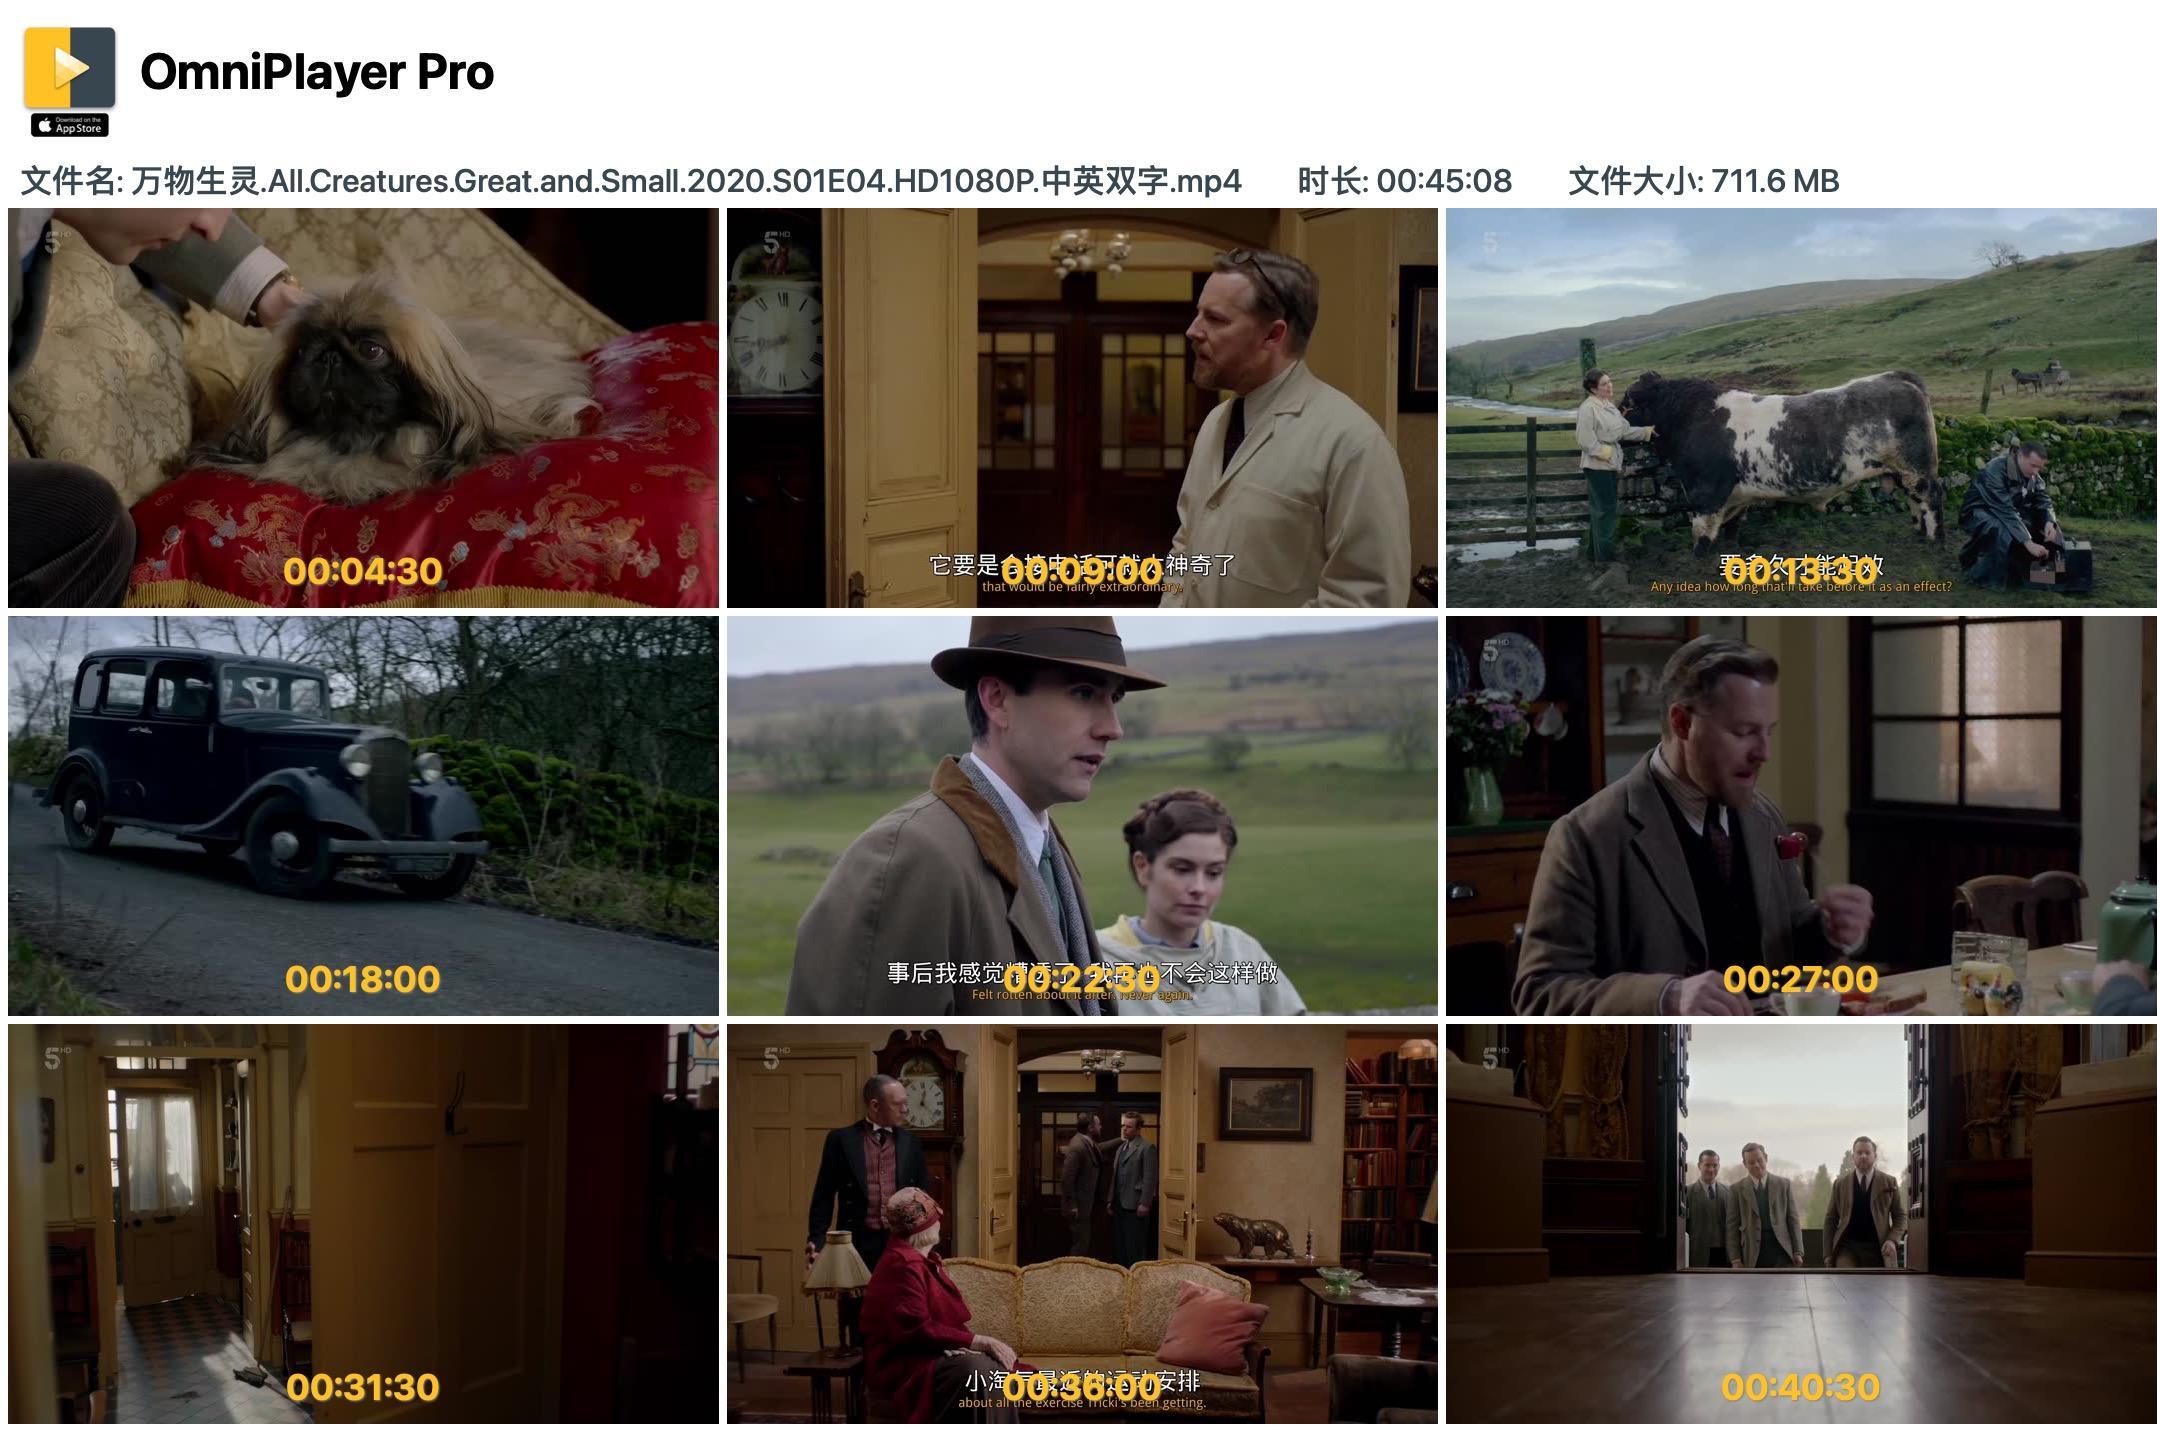 英剧万物既伟大又渺小 1080P 高清分享的图片-高老四博客